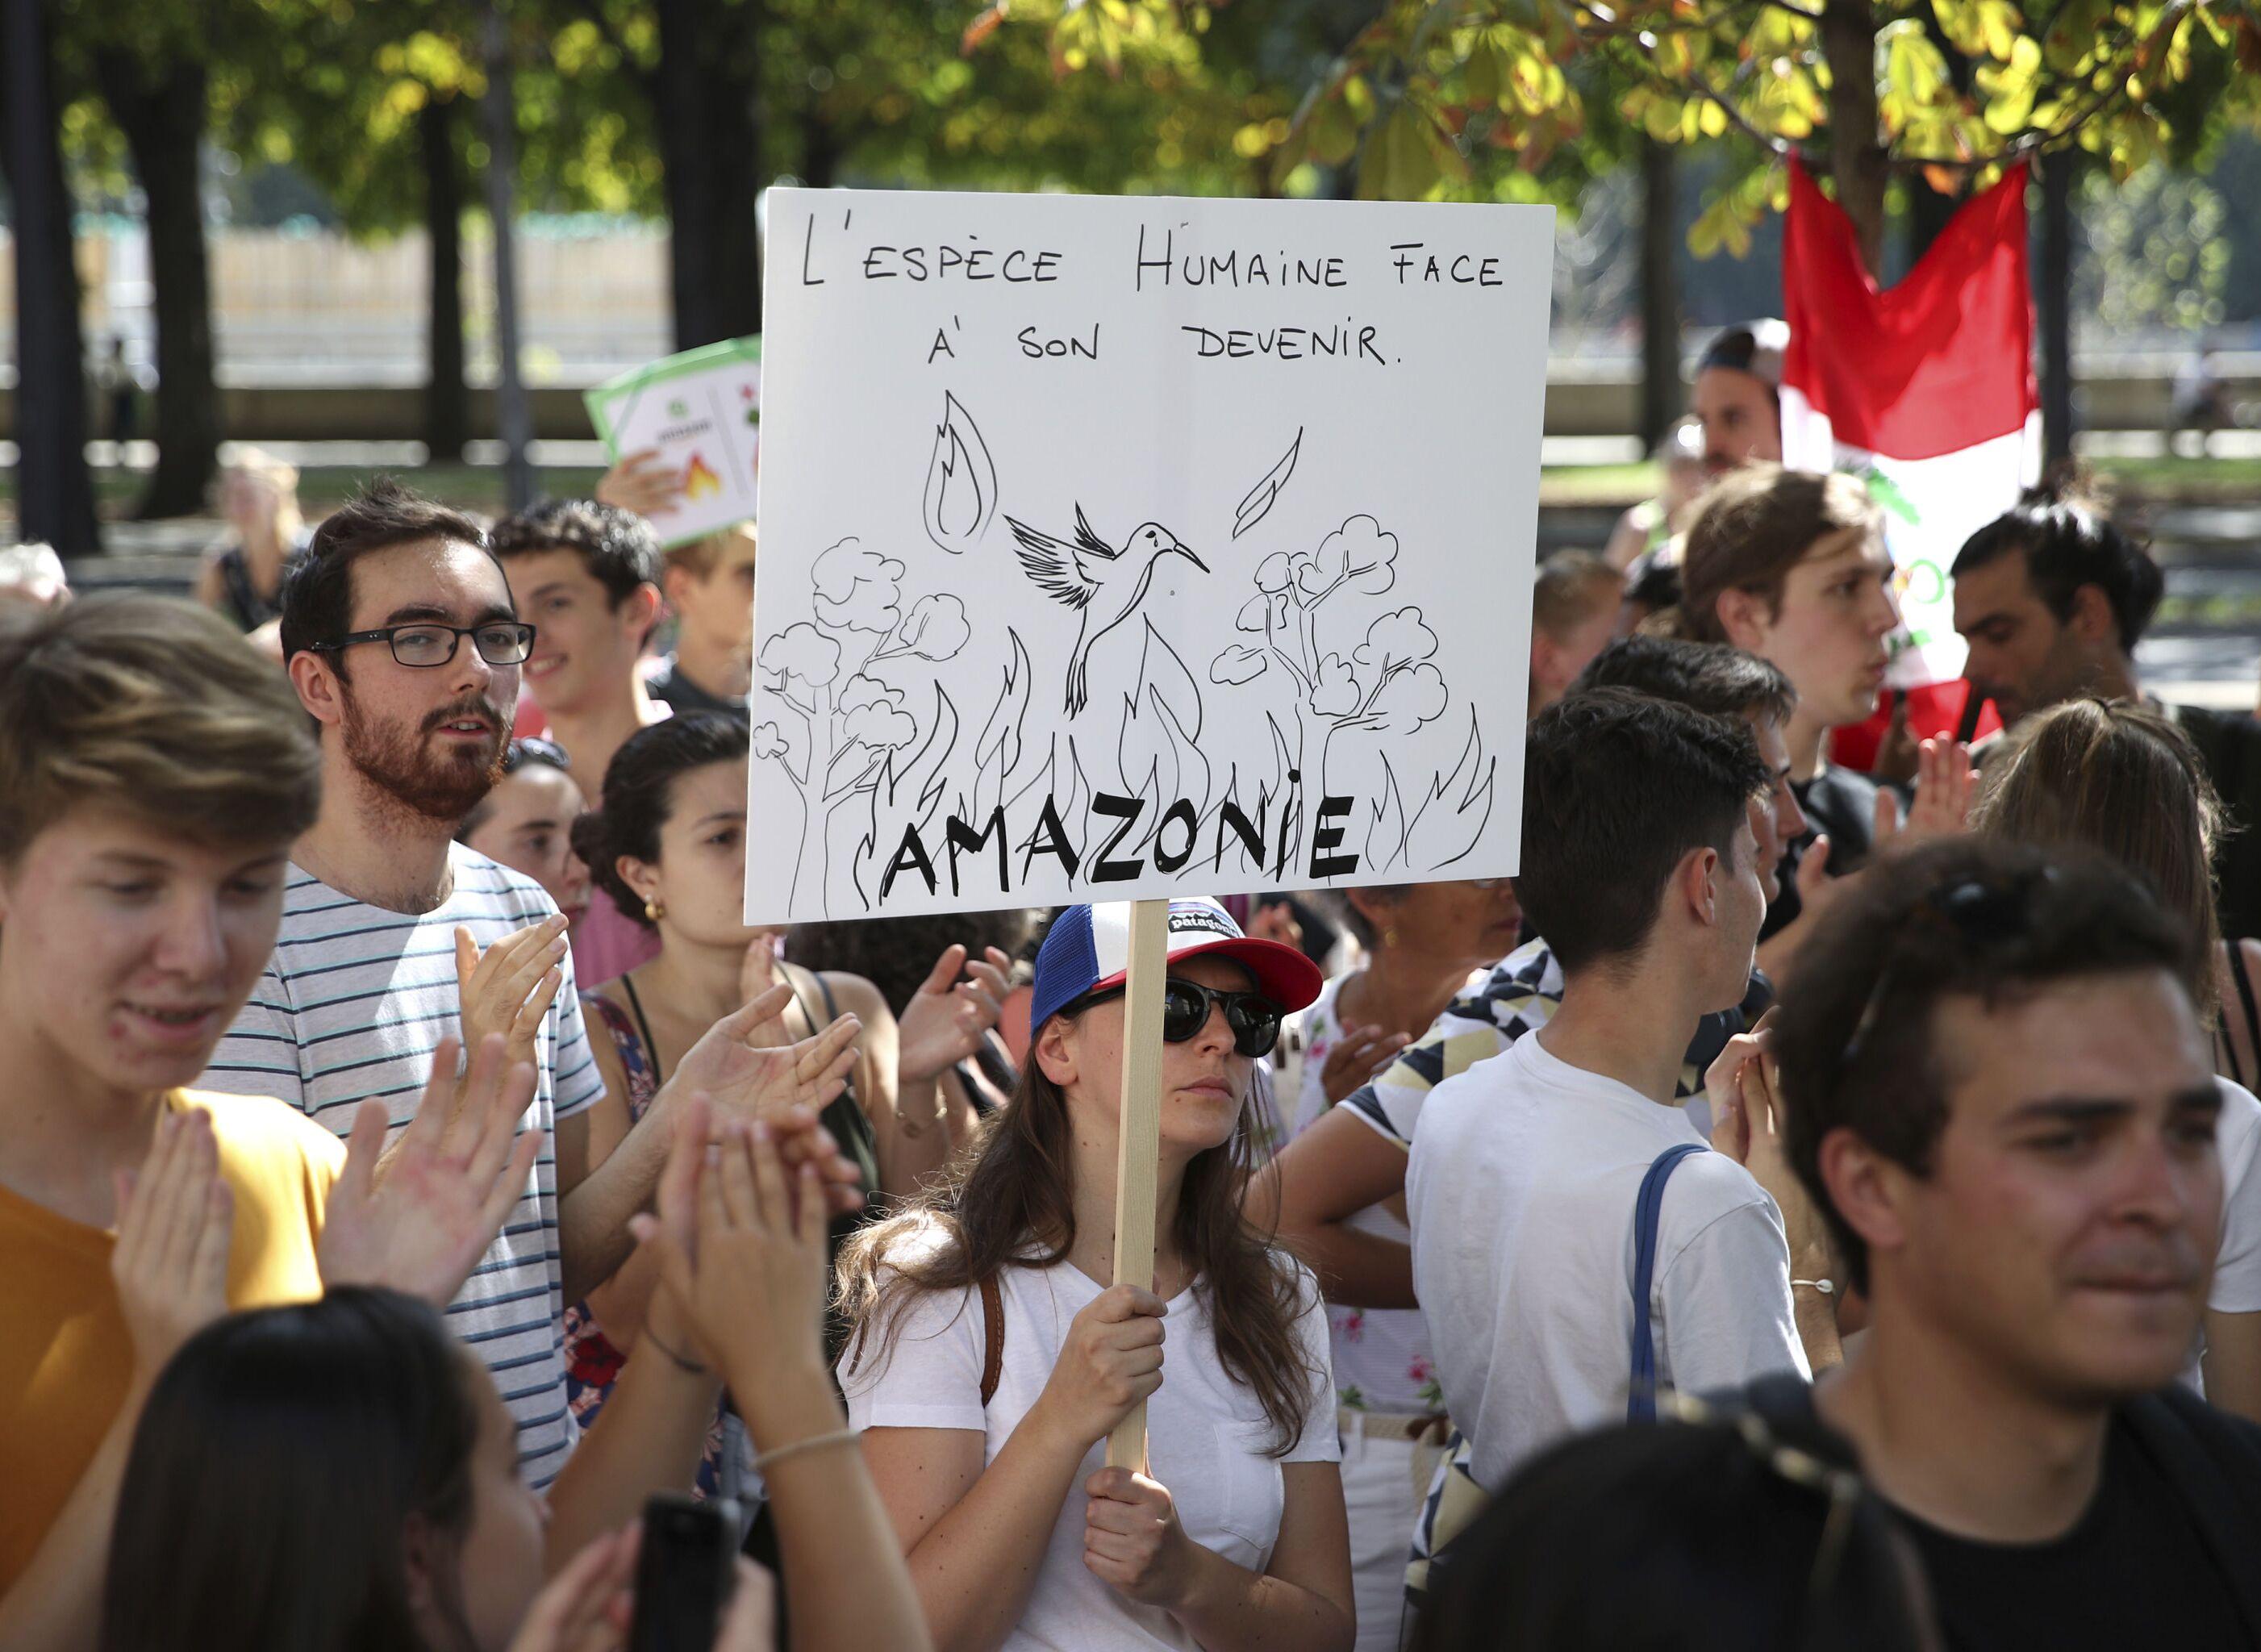 Manifestantes protestam na frente da Embaixada do Brasil em Paris, França, 23 de agosto de 2019 (foto de arquivo)